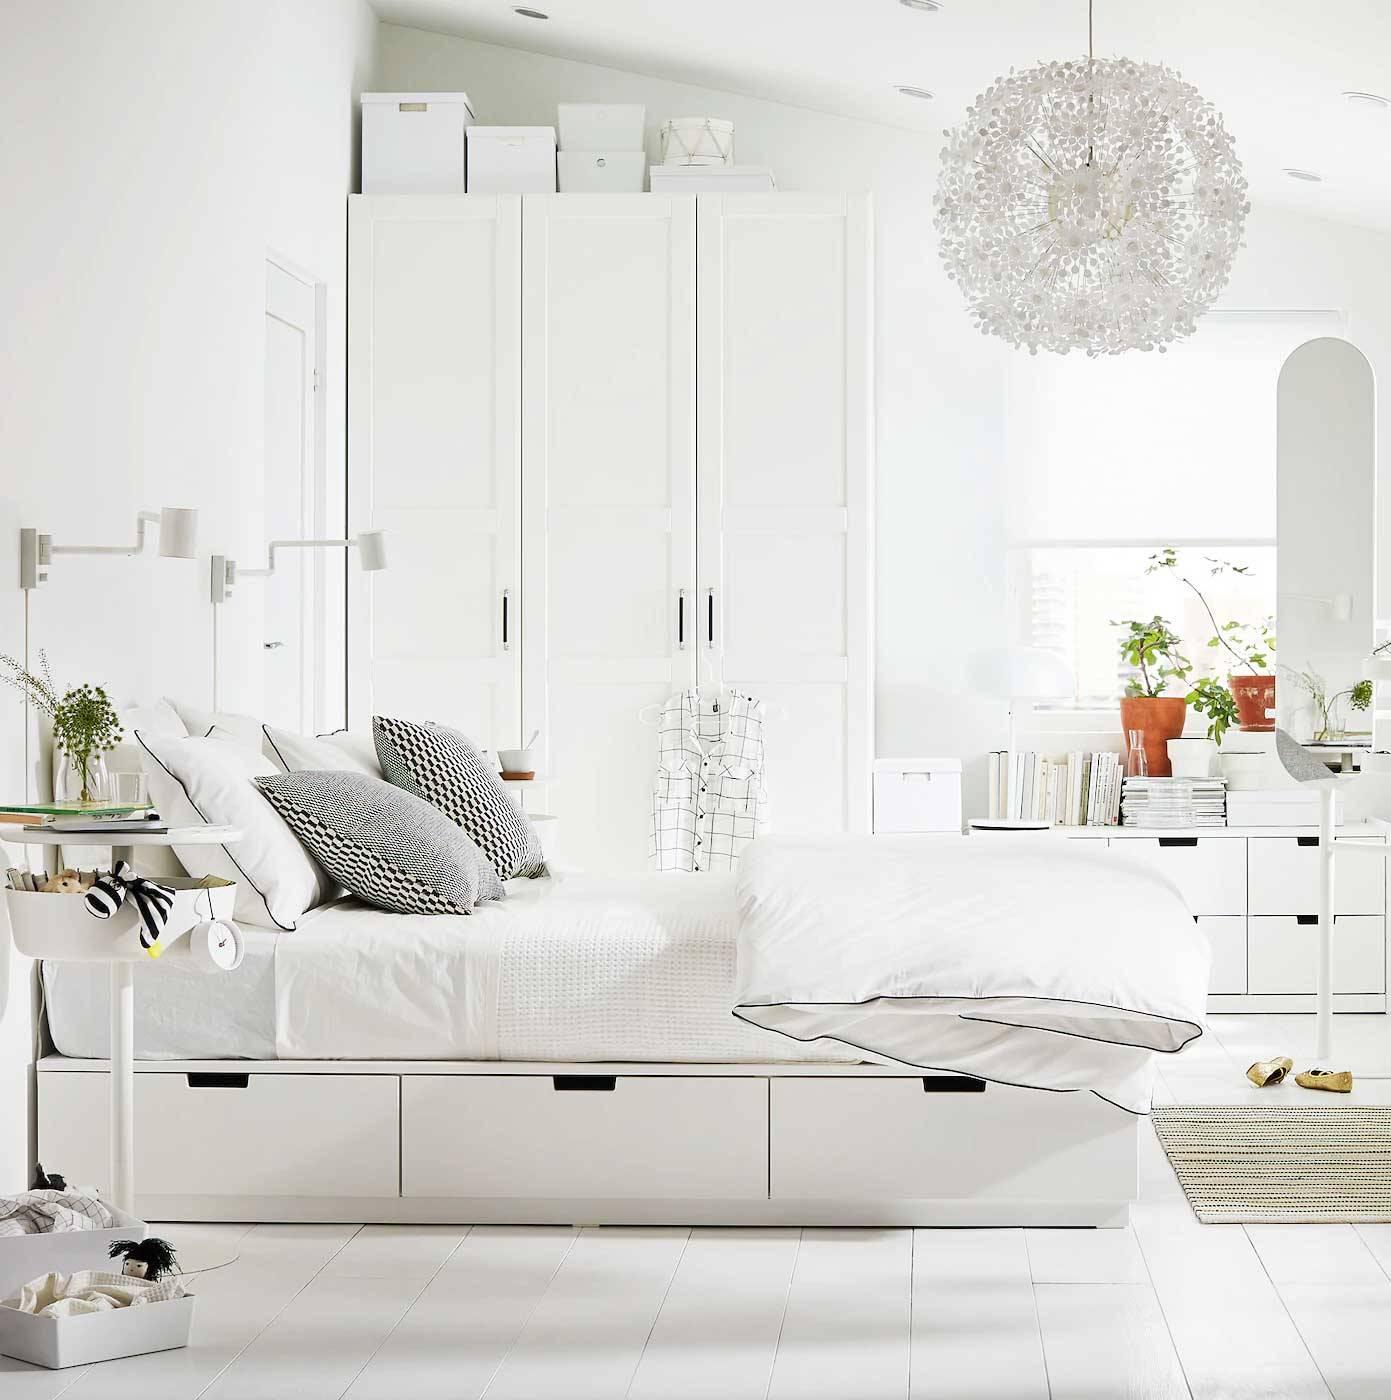 ideas de decoración dormitorios con muebles ikea